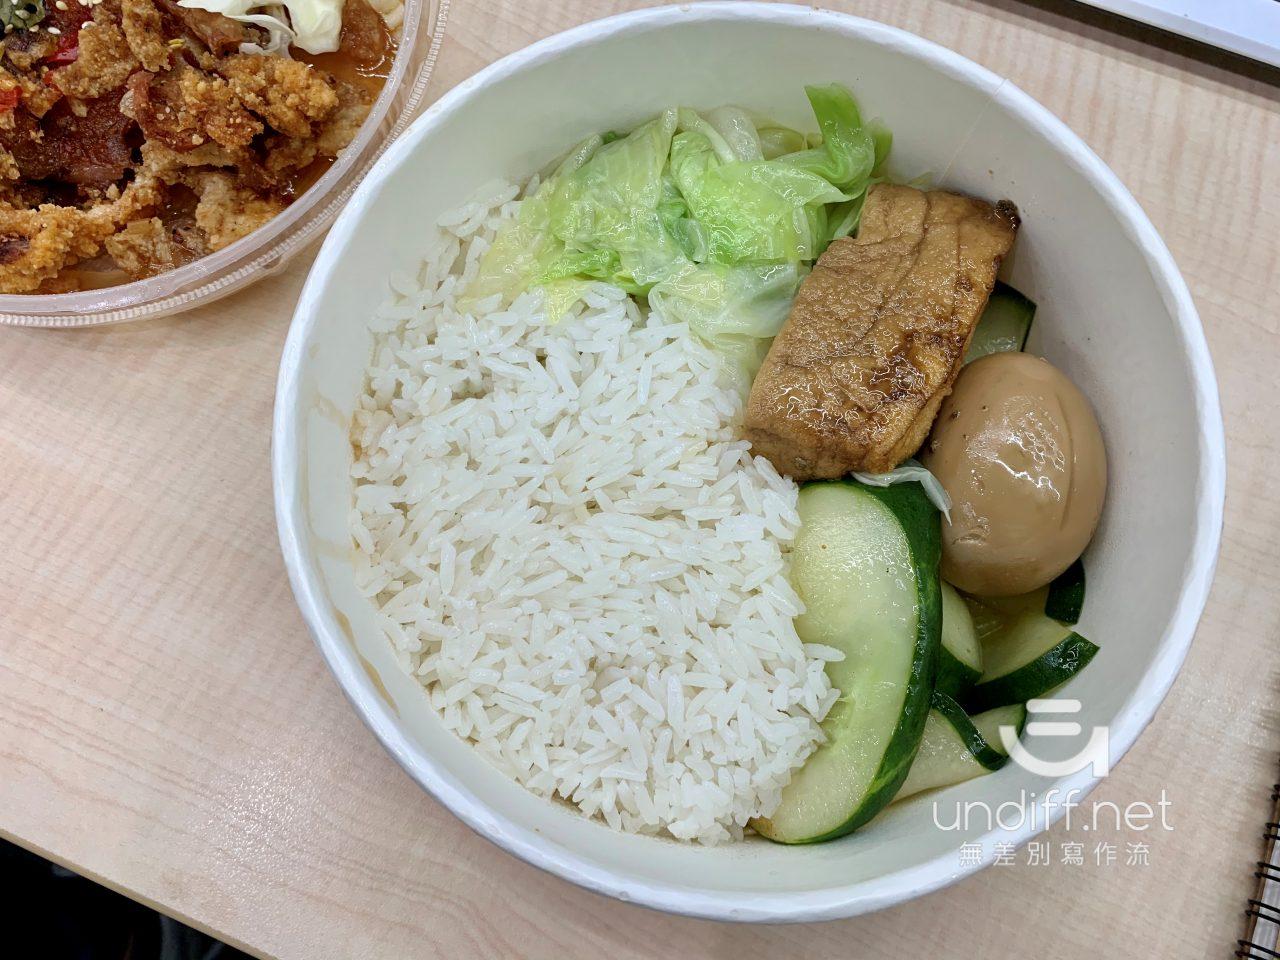 【內湖 訂便當日記】日嚐 Taste&Enjoy 南洋風味料理 8